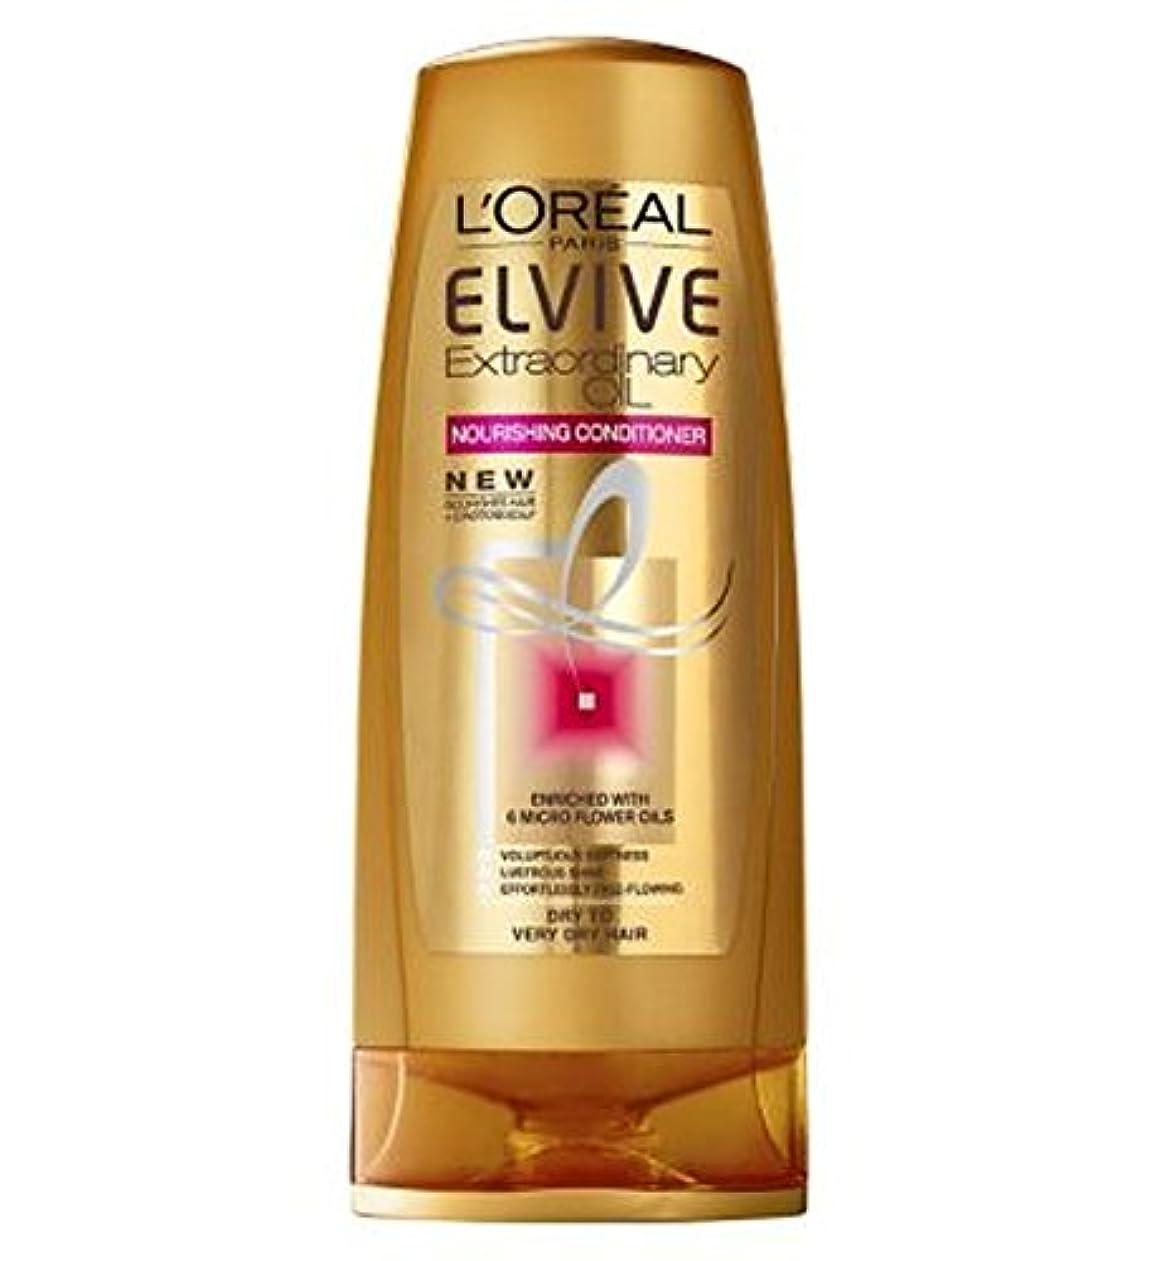 お願いします懇願するつまずくL'Oreal Elvive Extraordinary Oils Nourishing Conditioner Dry to Rough Hair 250ml - ラフヘア250ミリリットルにコンディショナードライ栄養...